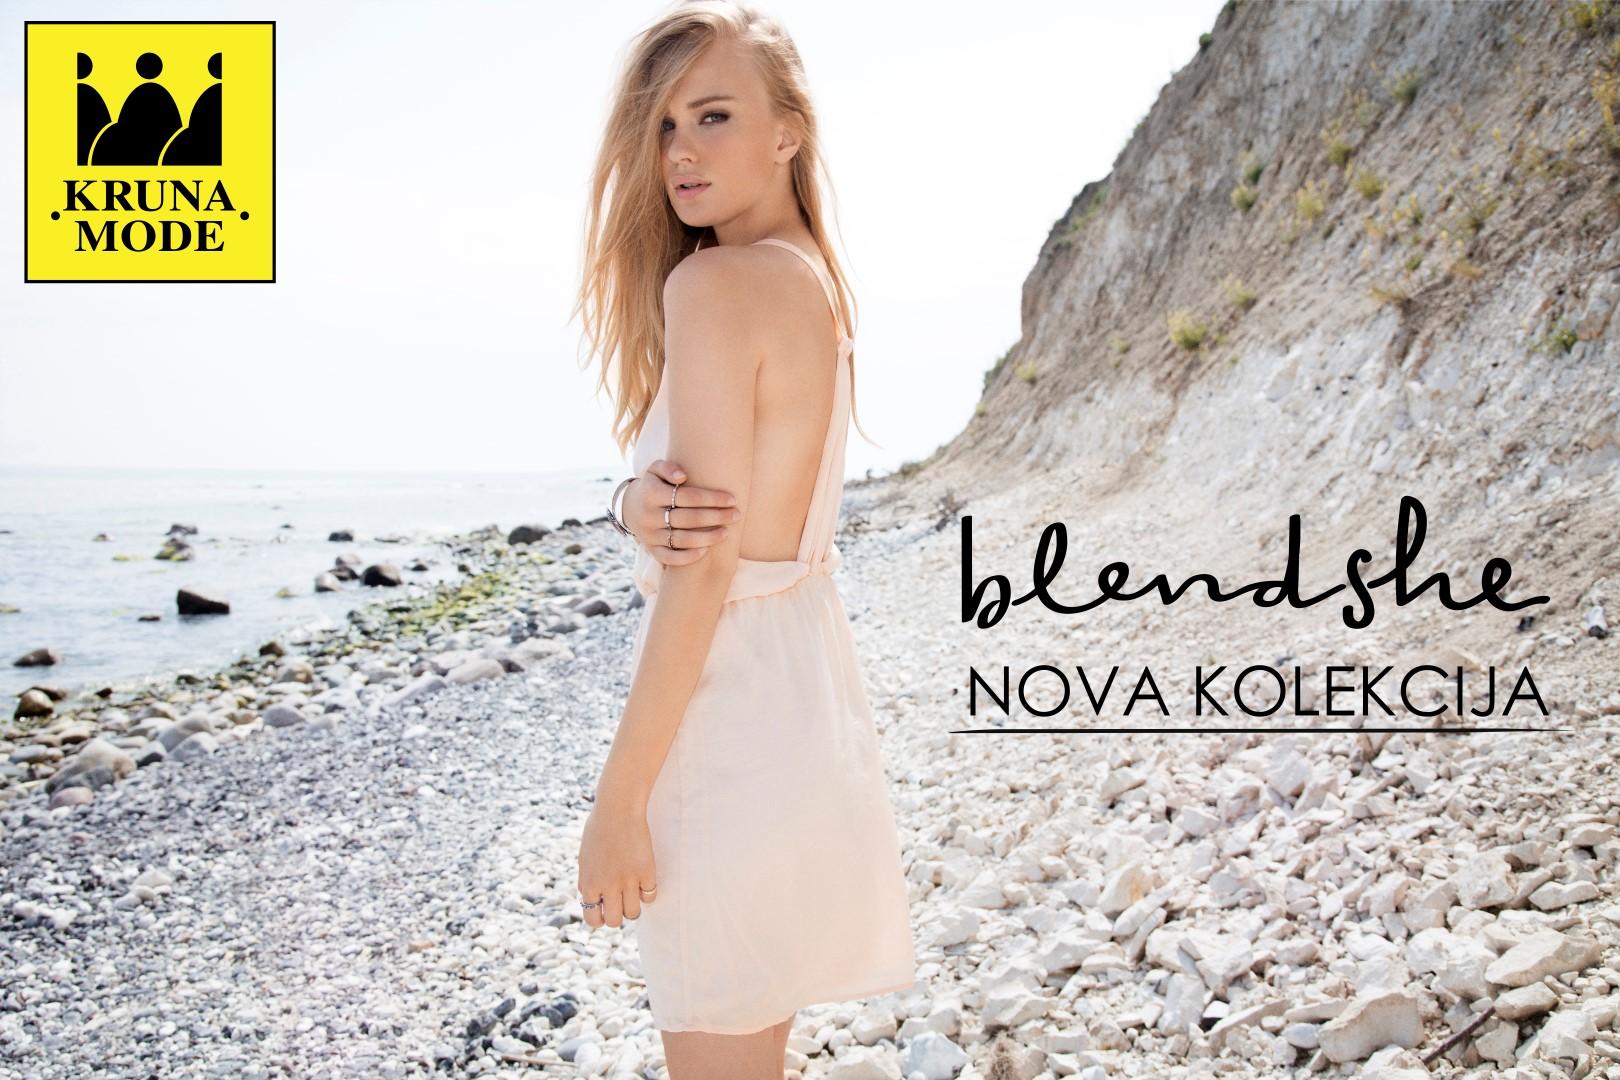 blend_she